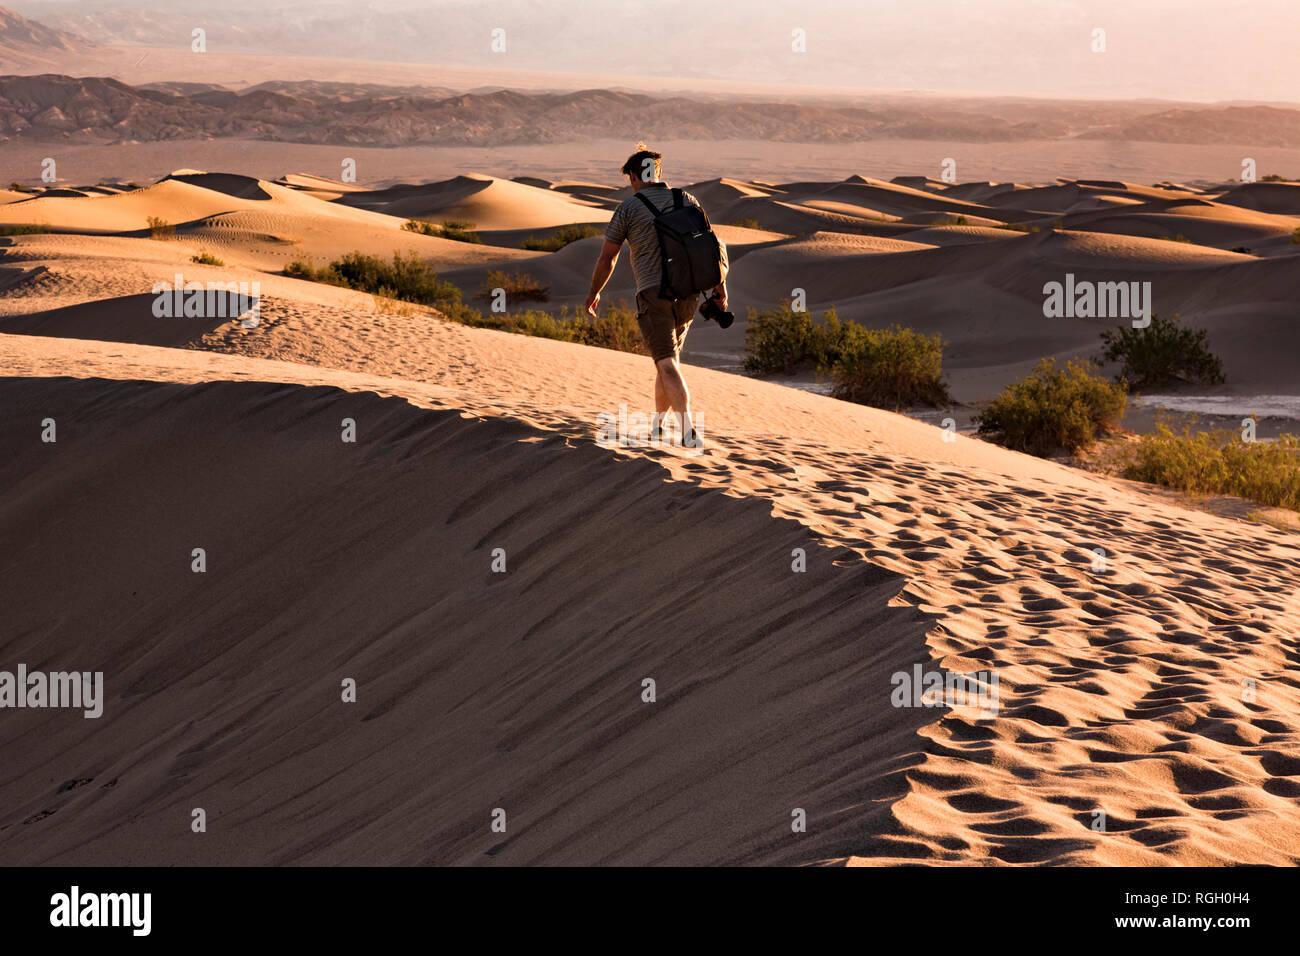 USA, californien, la vallée de la mort, Death Valley National Park, Mesquite Flat dunes de sable, l'homme marche sur dune Banque D'Images